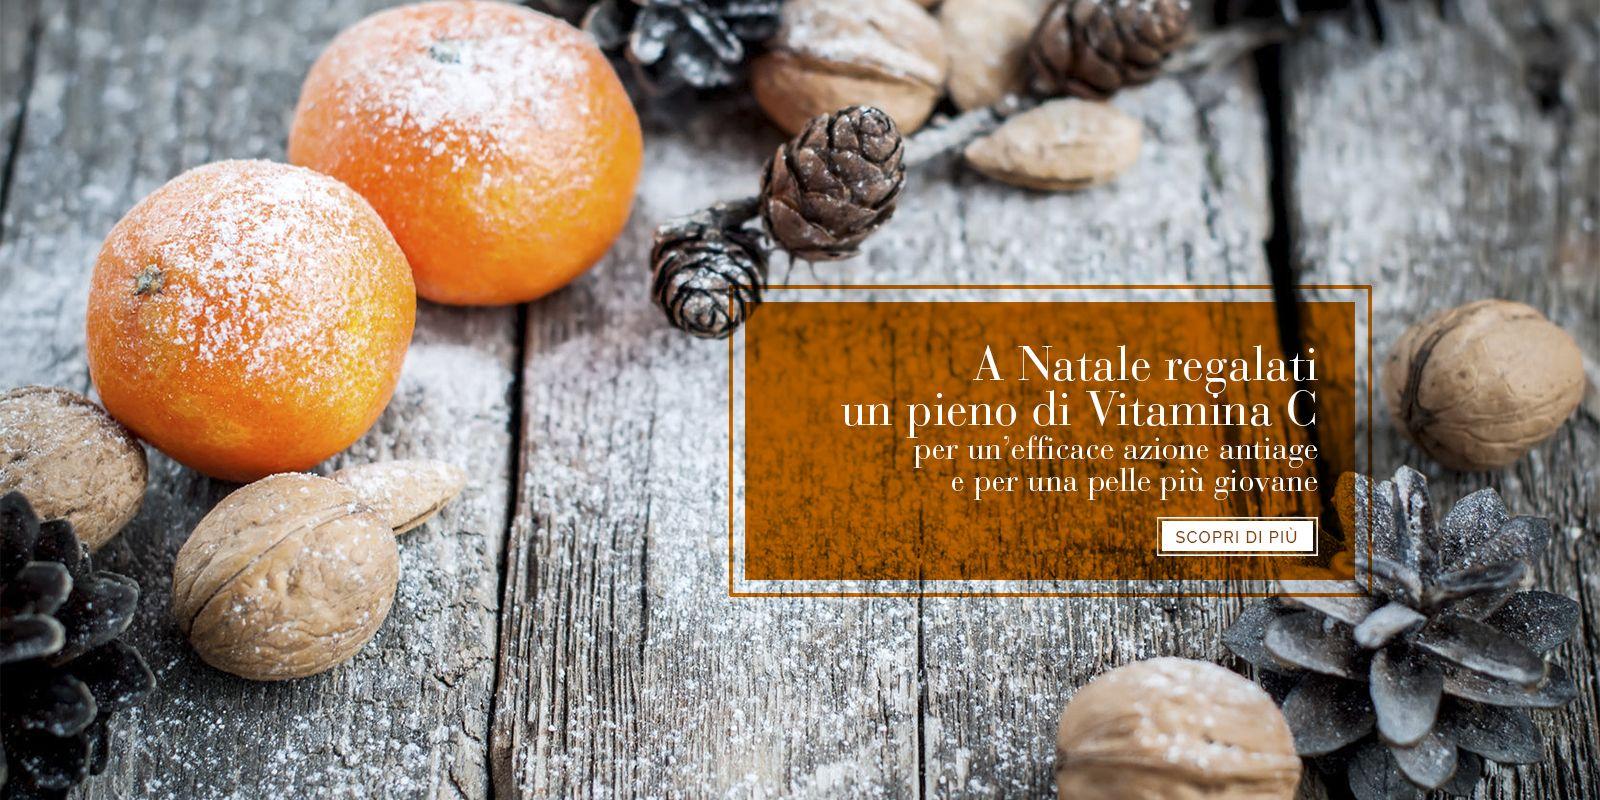 Non hai ancora deciso cosa regalare a Natale?  www.leriem.com ... troverai molte idee regalo per un Natale all'insegna della bellezza e della cura della pelle. Tutti i prodotti Leriem sono PARABEN FREE e non contengono: PARABENI, VASELINA, PARAFFINA, PETROLATI, FENOSSIETANOLO, CESSORI DI FORMALDEIDE, ISOTIAZOLINONI, EDTA, BHA, BHT.